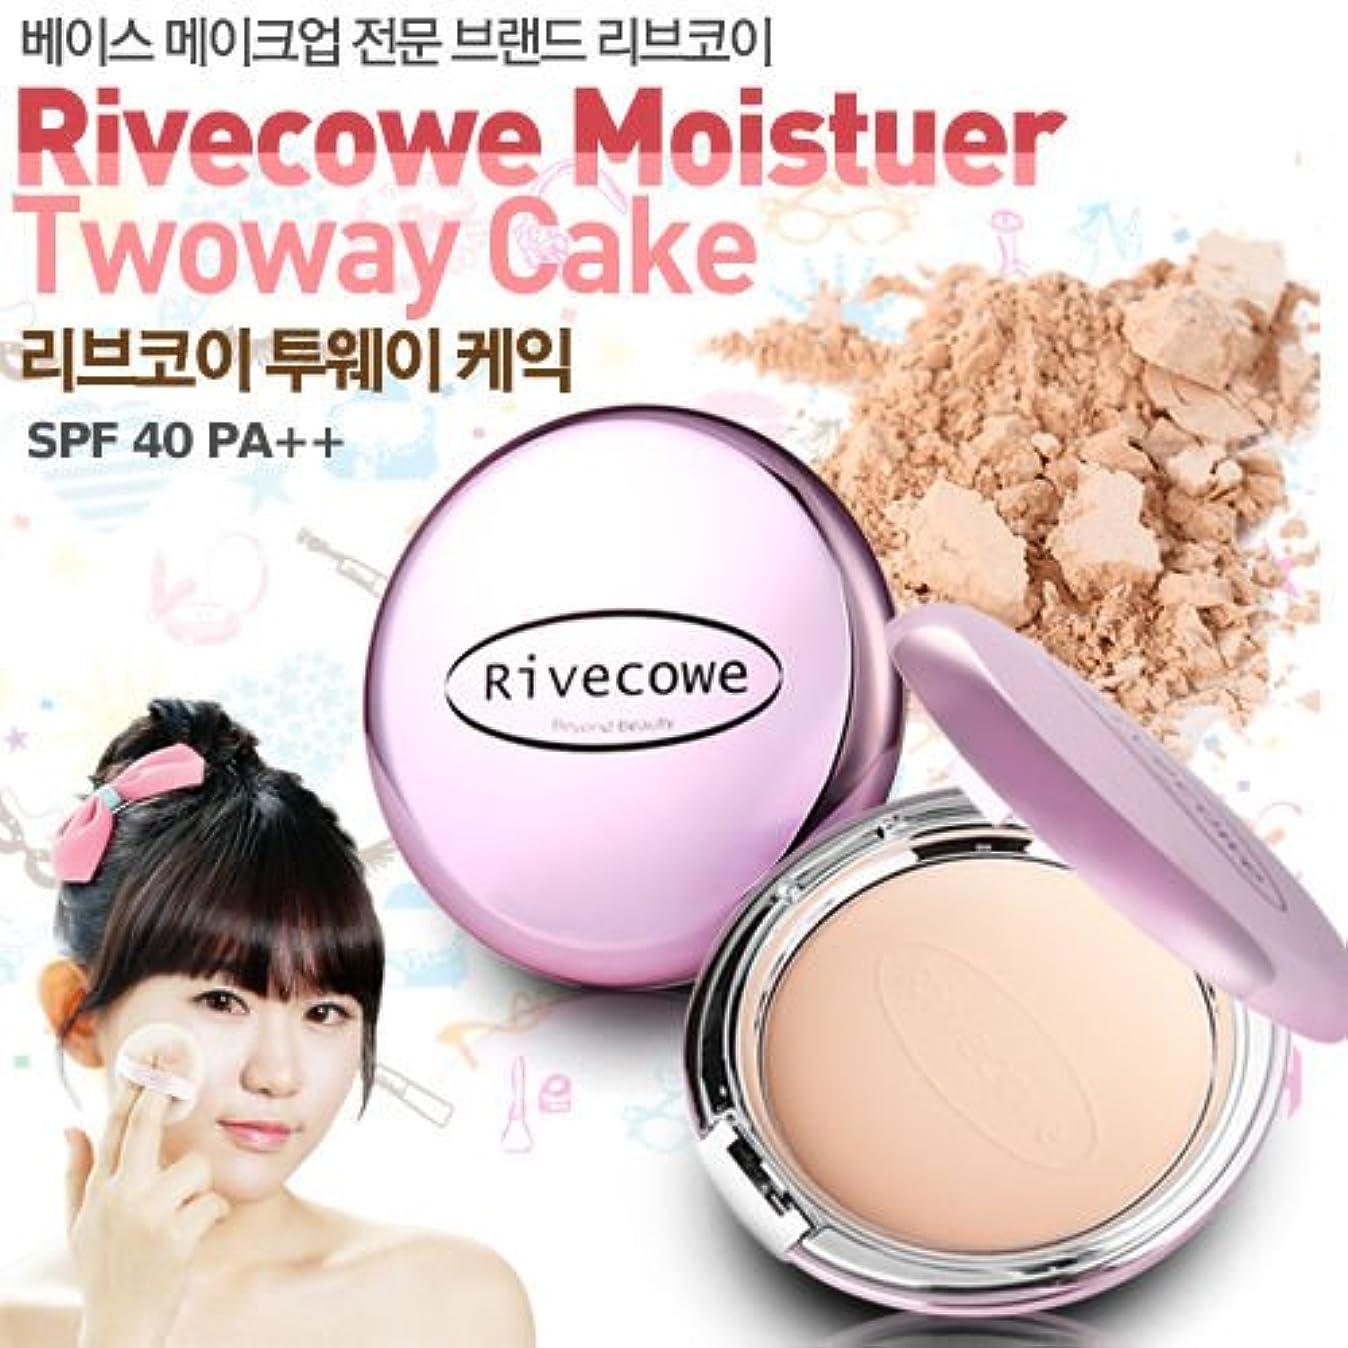 偏見沿って職業Rivecowe Moisture Twoway Cake (Foundation + Powder) SPF40PA++ 12g (No. 21 Natural Beige) [並行輸入品]